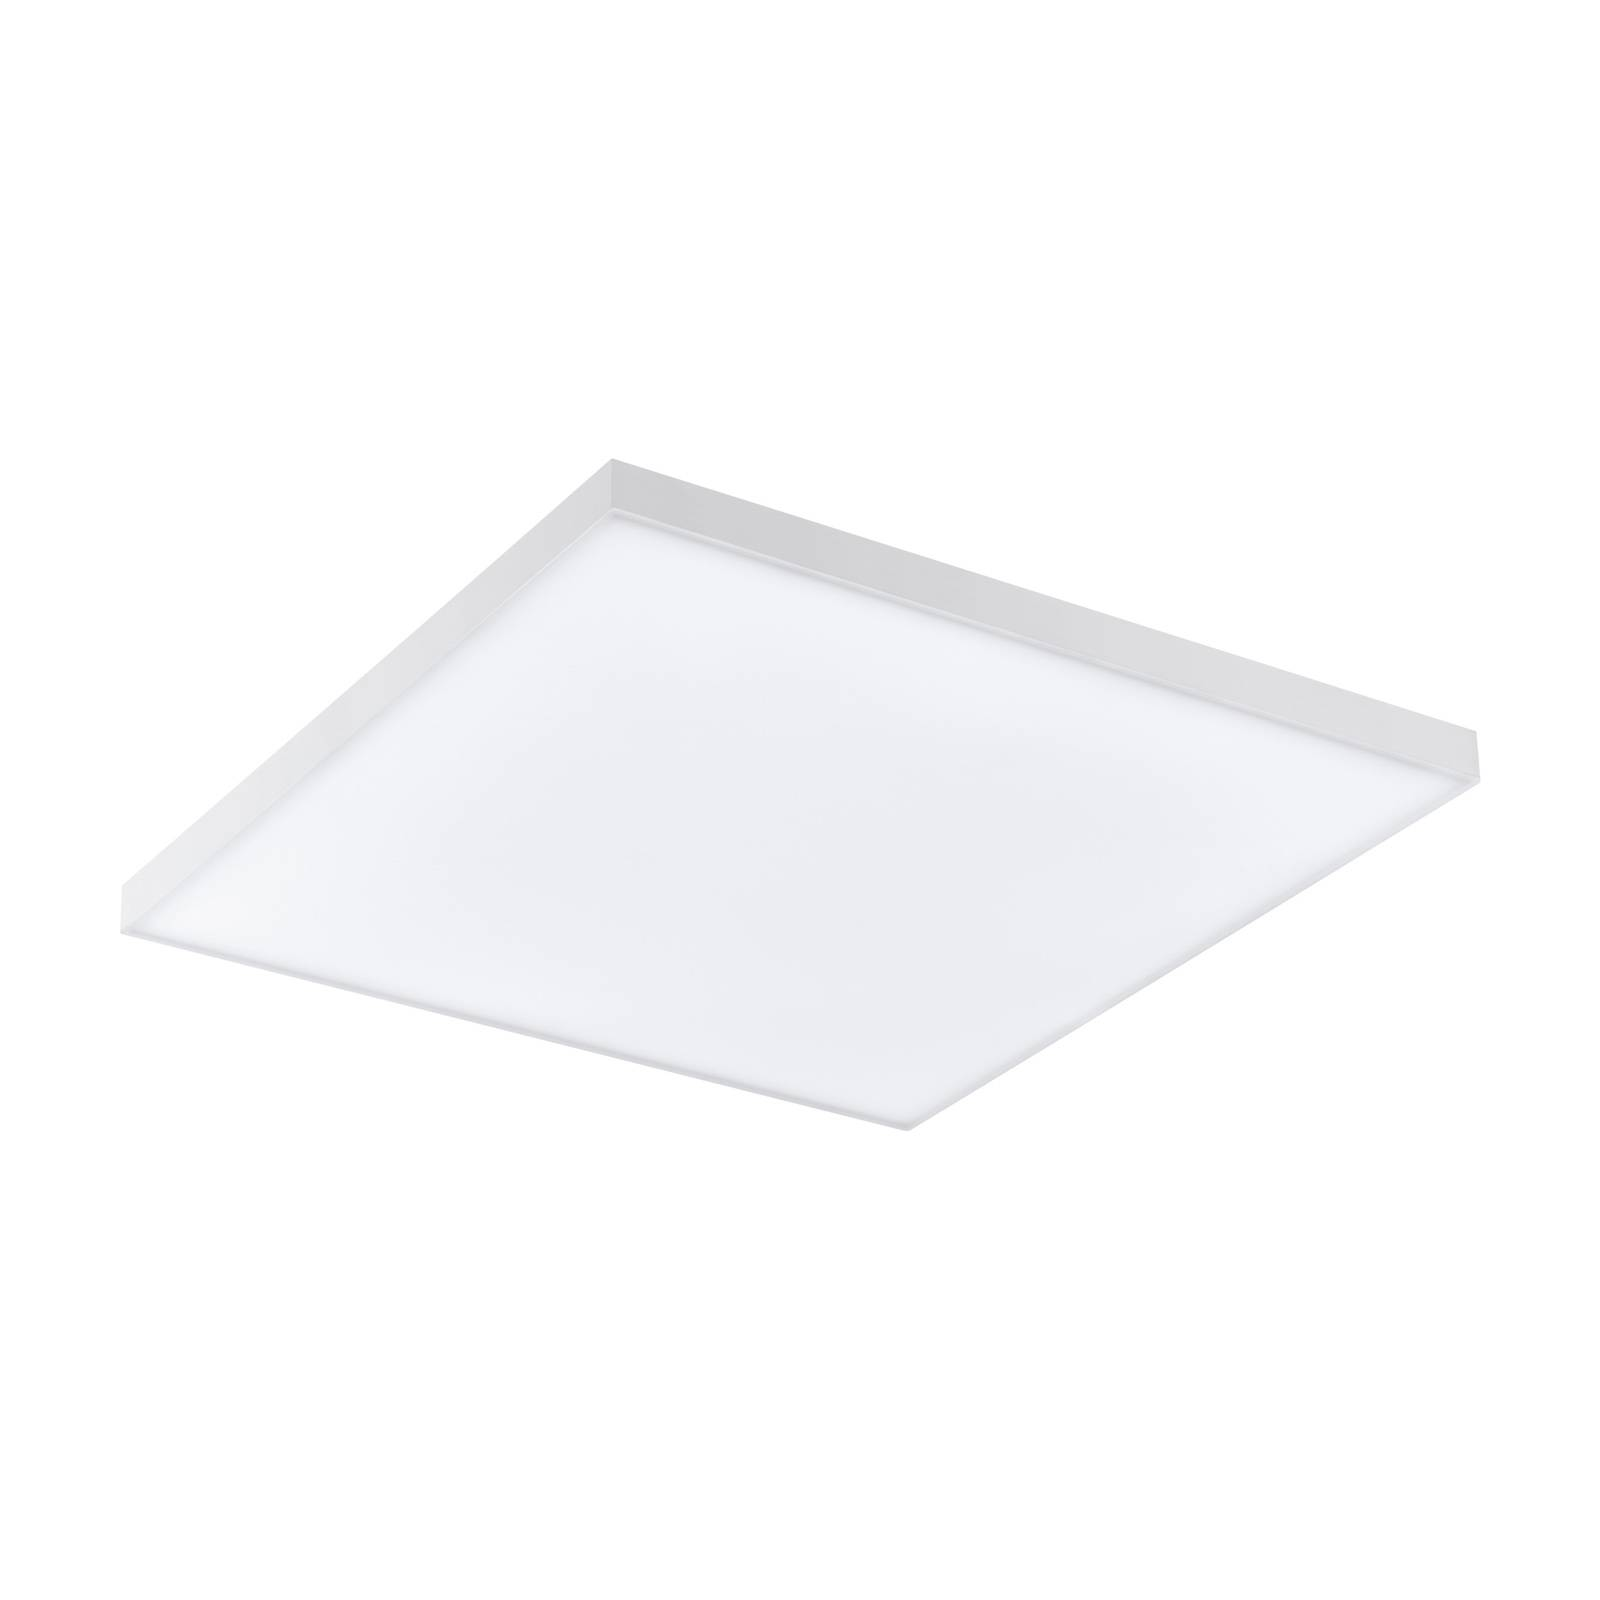 LED-kattovalaisin Turcona, 30 x 30 cm